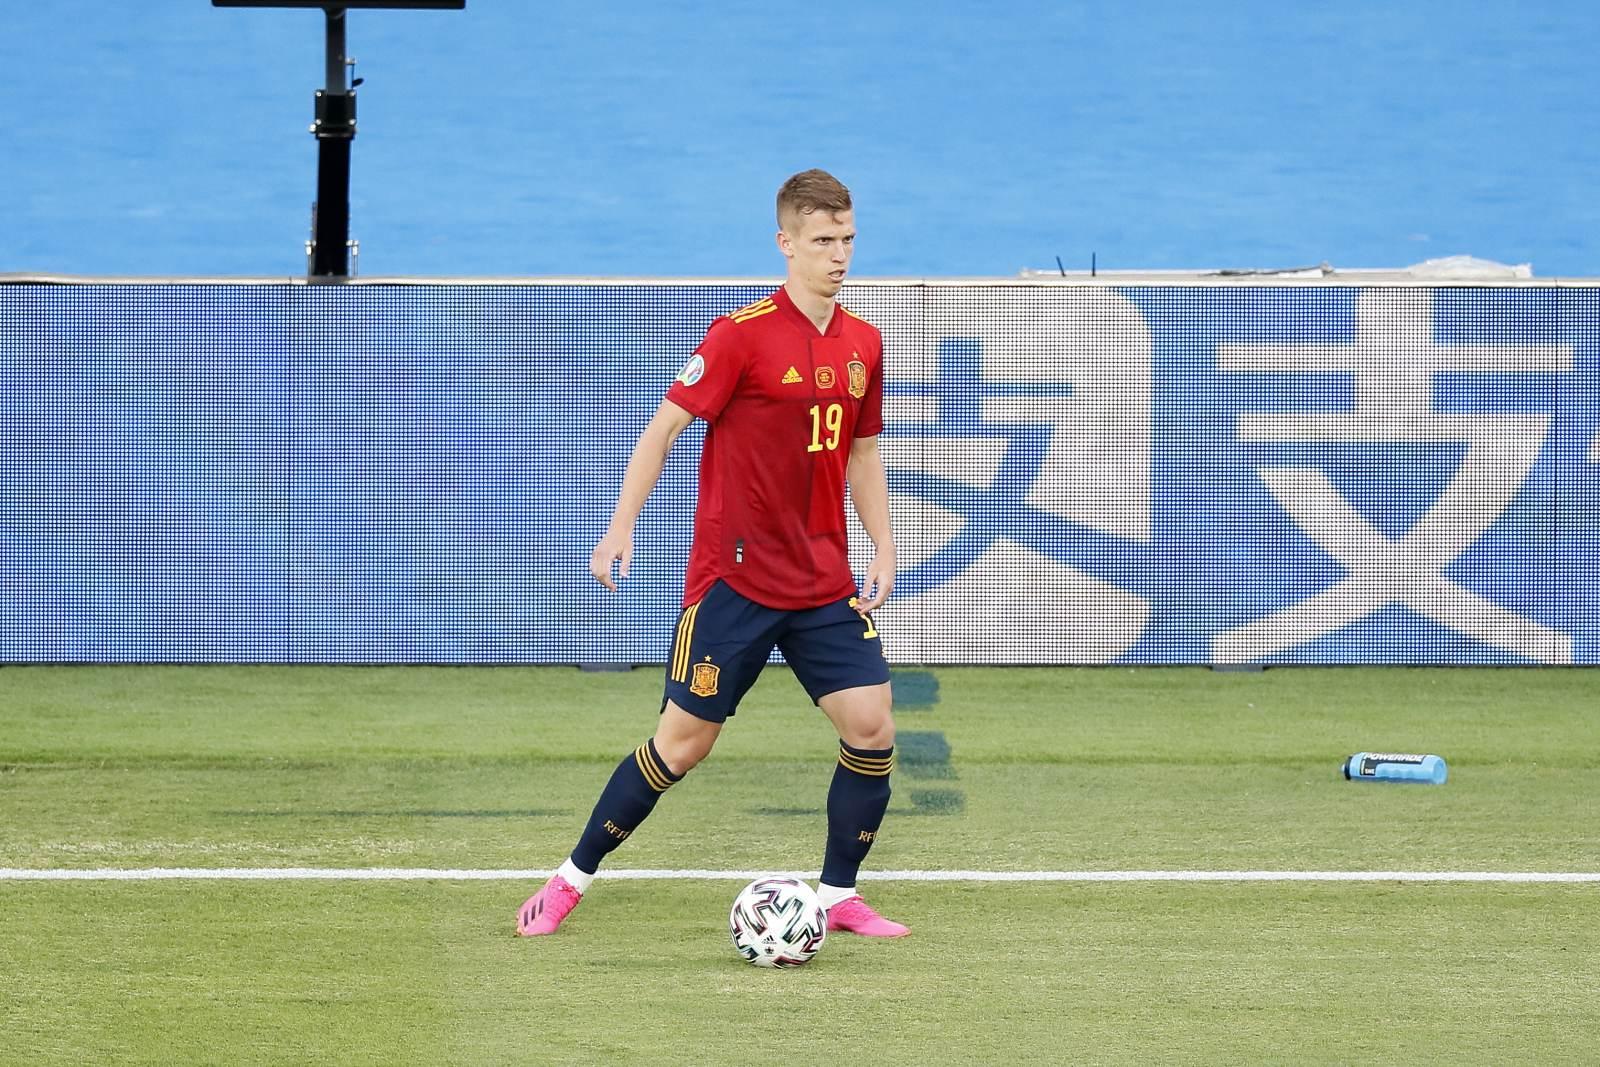 Культурист с уникальной скоростью, будущий трансфер «Барселоны», экс-игрок 4-го дивизиона и чемпион Англии